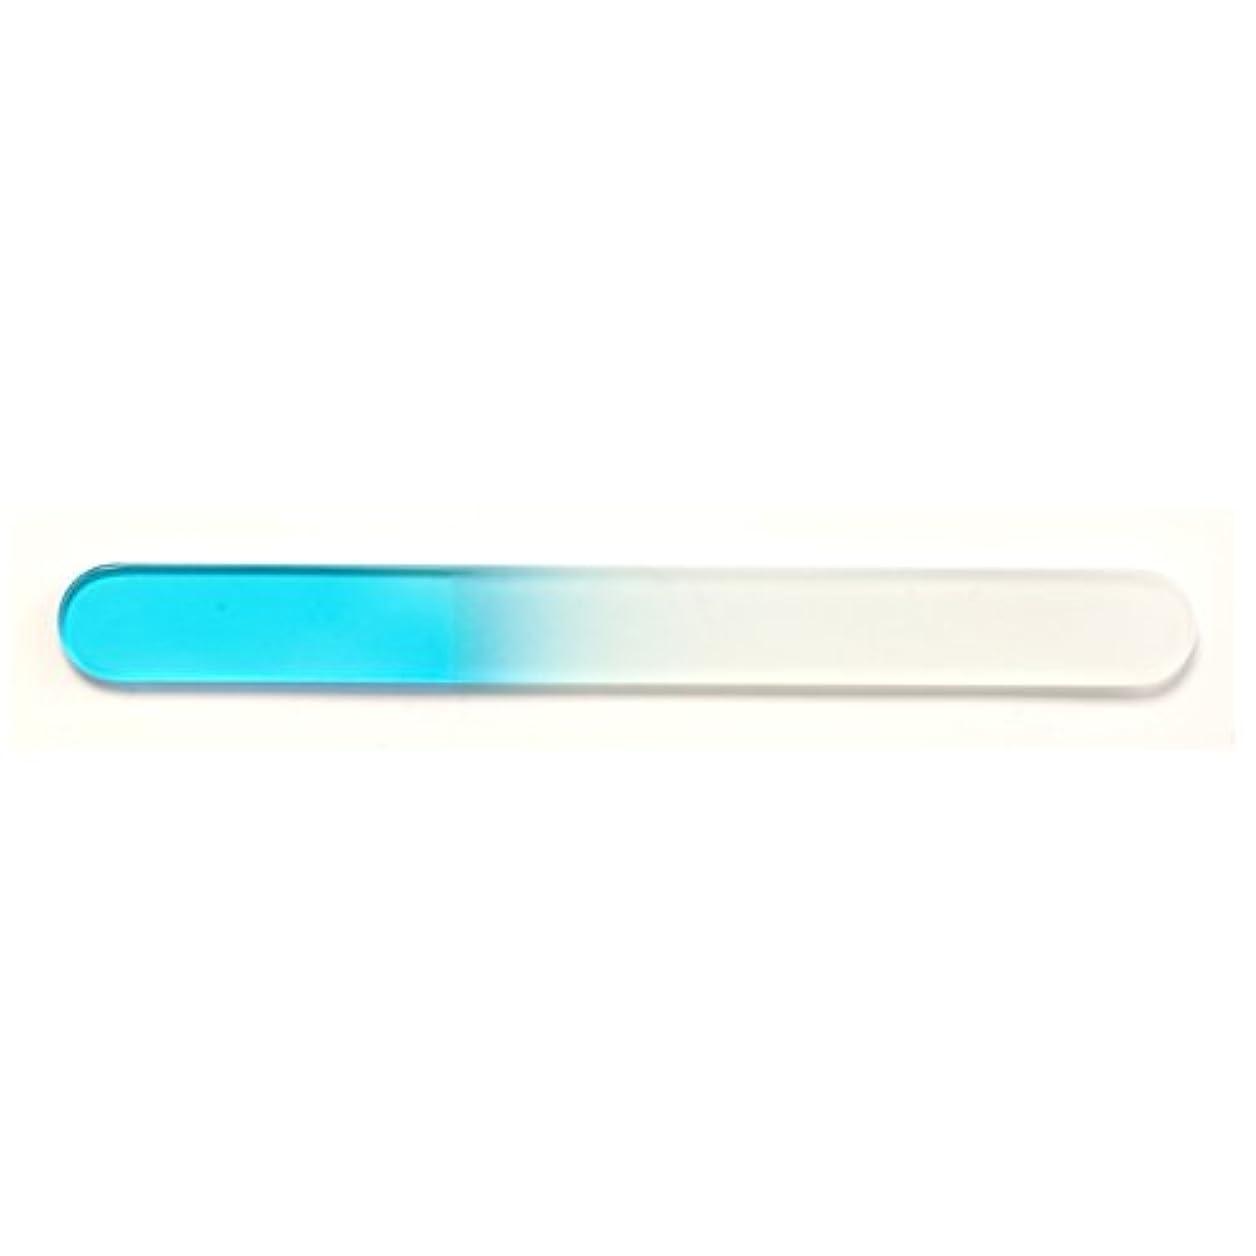 開発するあご電気技師MY GEL(マイジェル) 29グラスファイル 大 ブルー